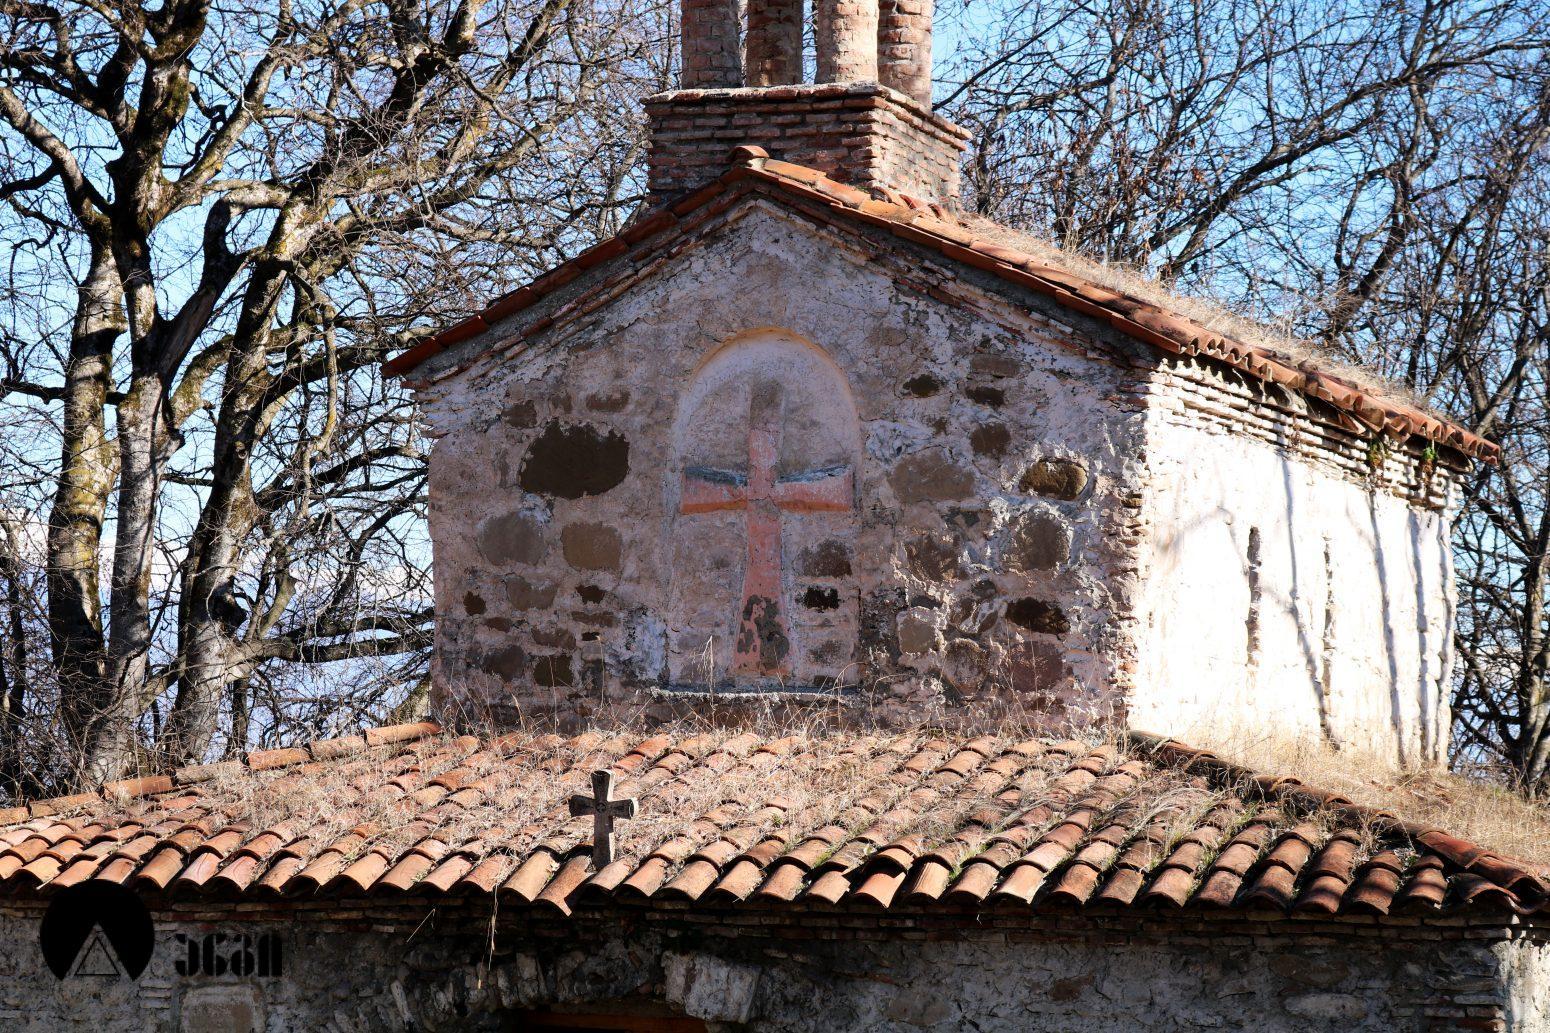 კალაურის წმინდა გიორგის ეკლესია